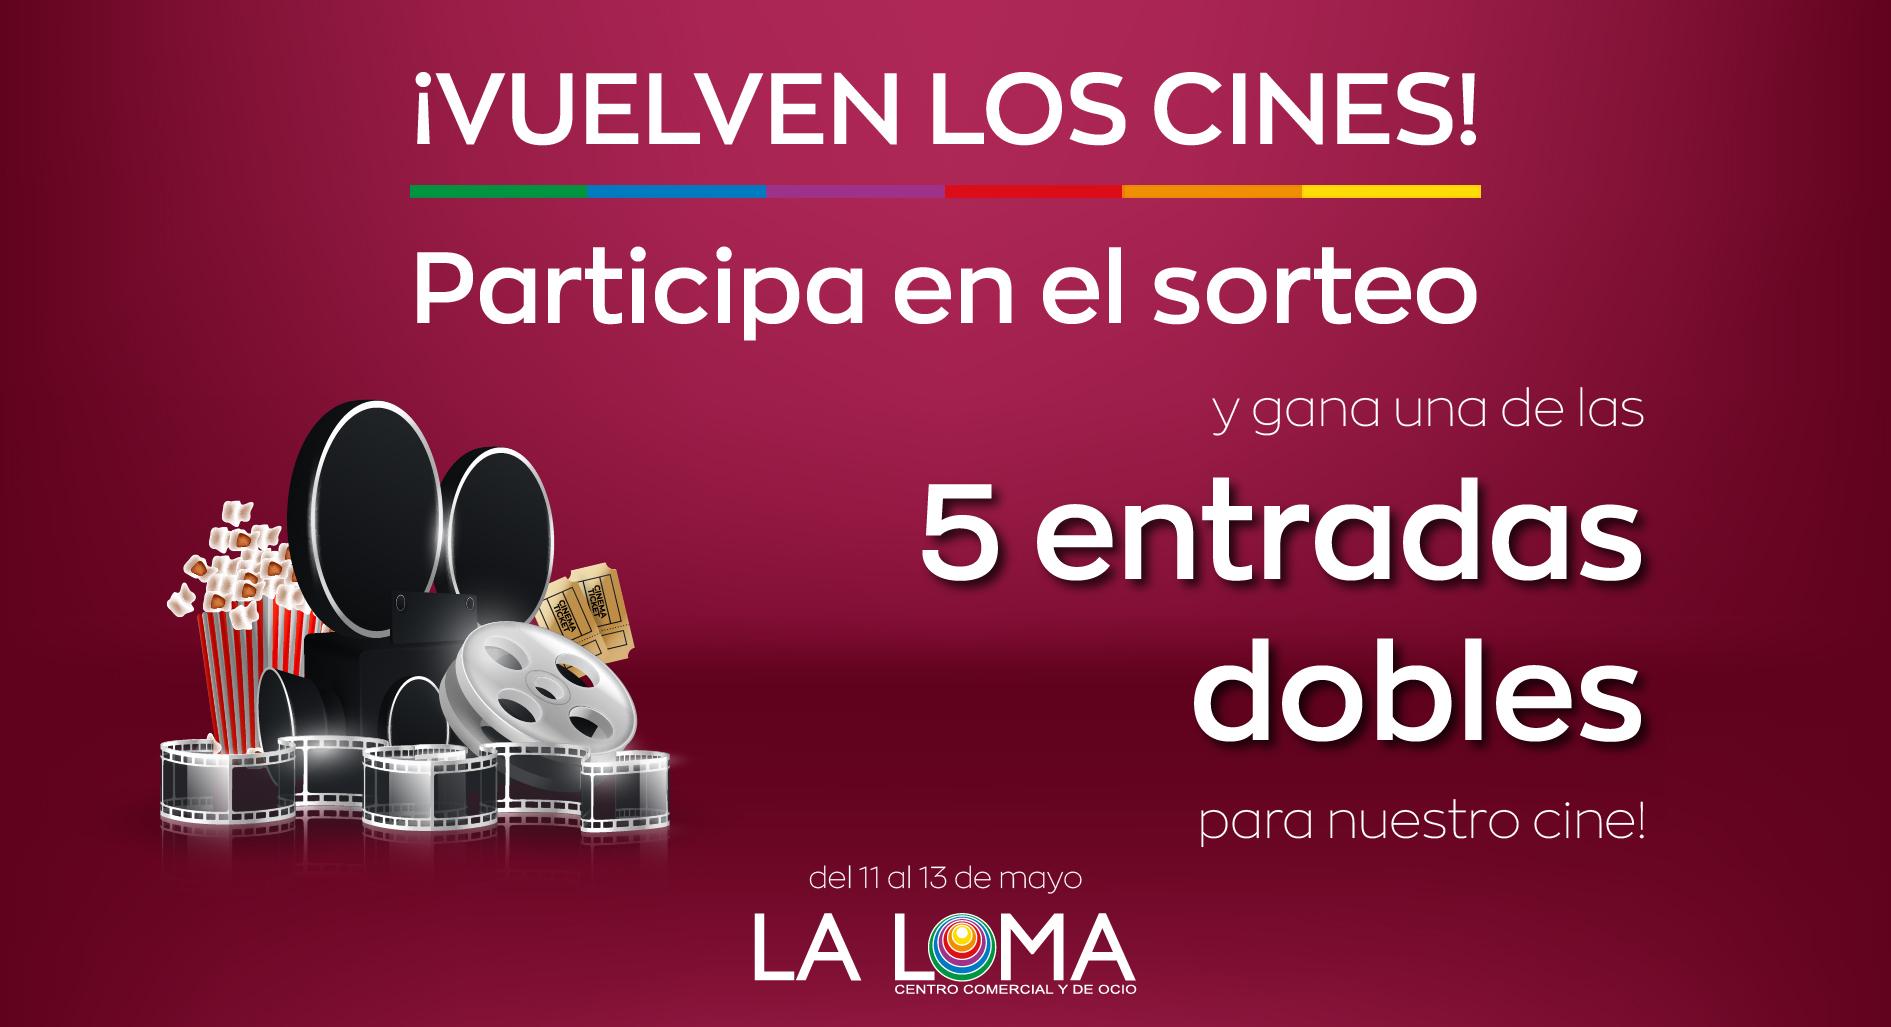 Promoción Vuelven los Cines - Centro Comercial y de Ocio La Loma